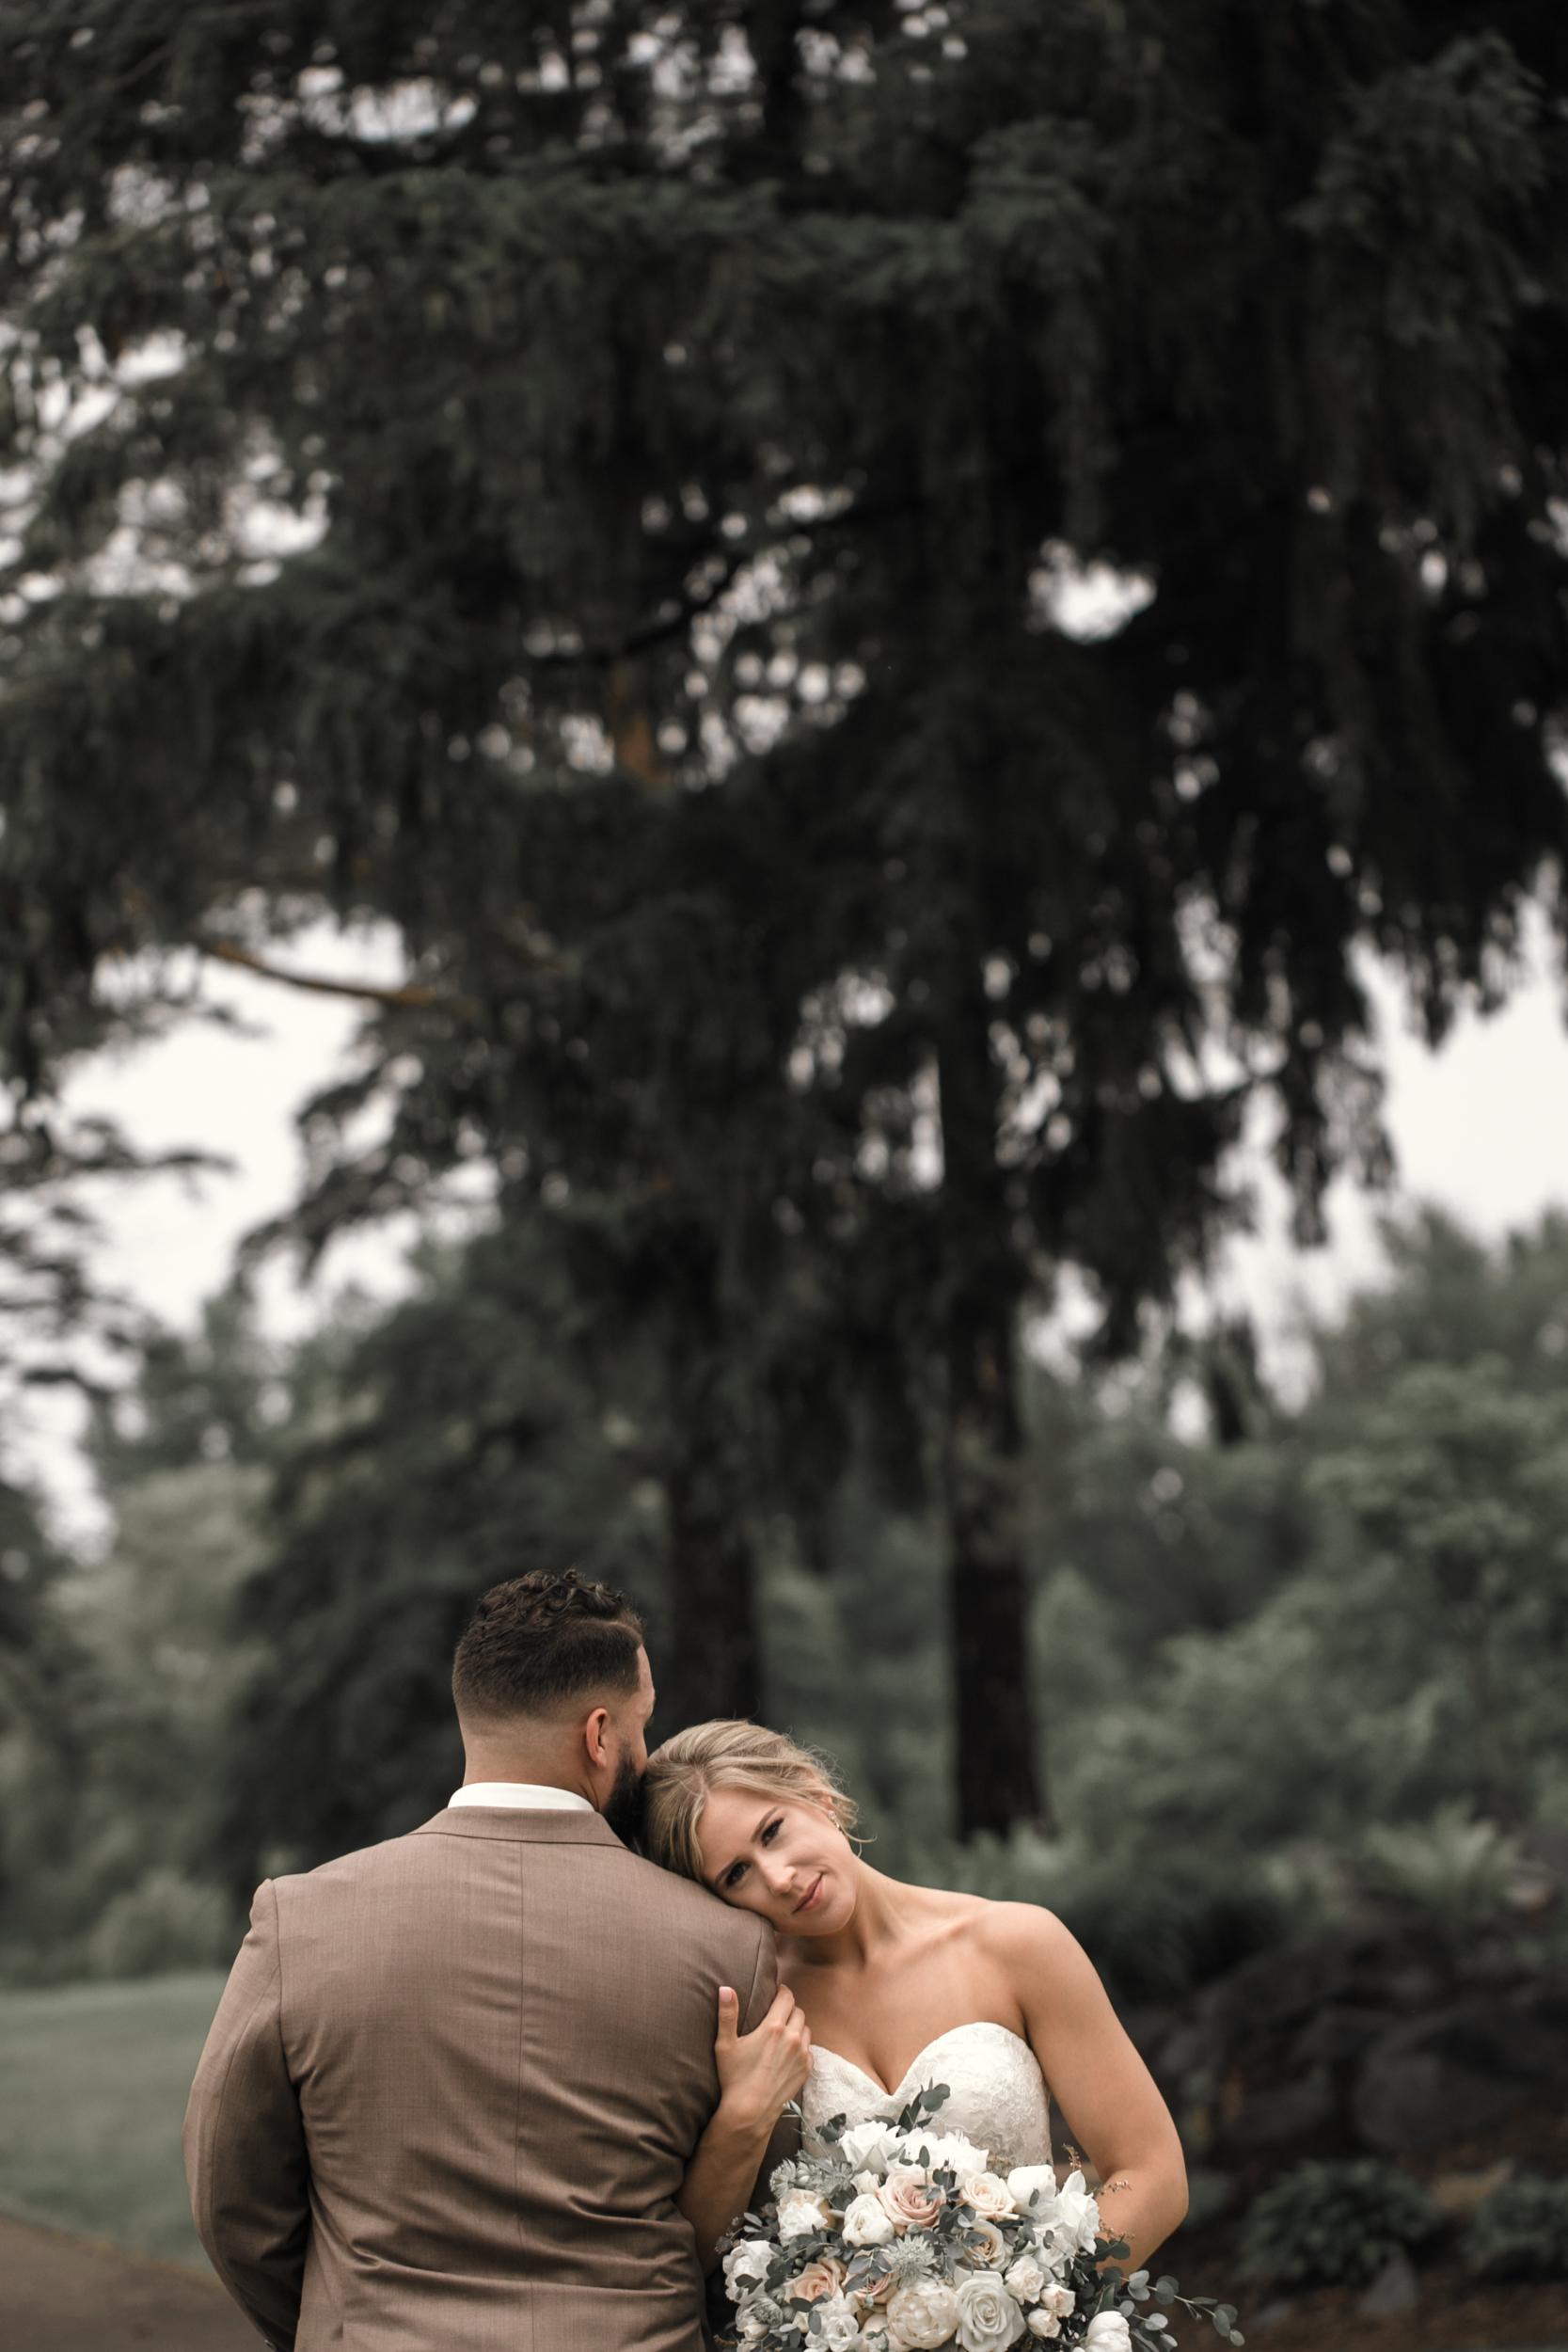 dellwood country club wedding*, Dellwood Country Club*, golf course wedding*, green golf course*, rose pink wedding details*-www.rachelsmak.com21.jpg